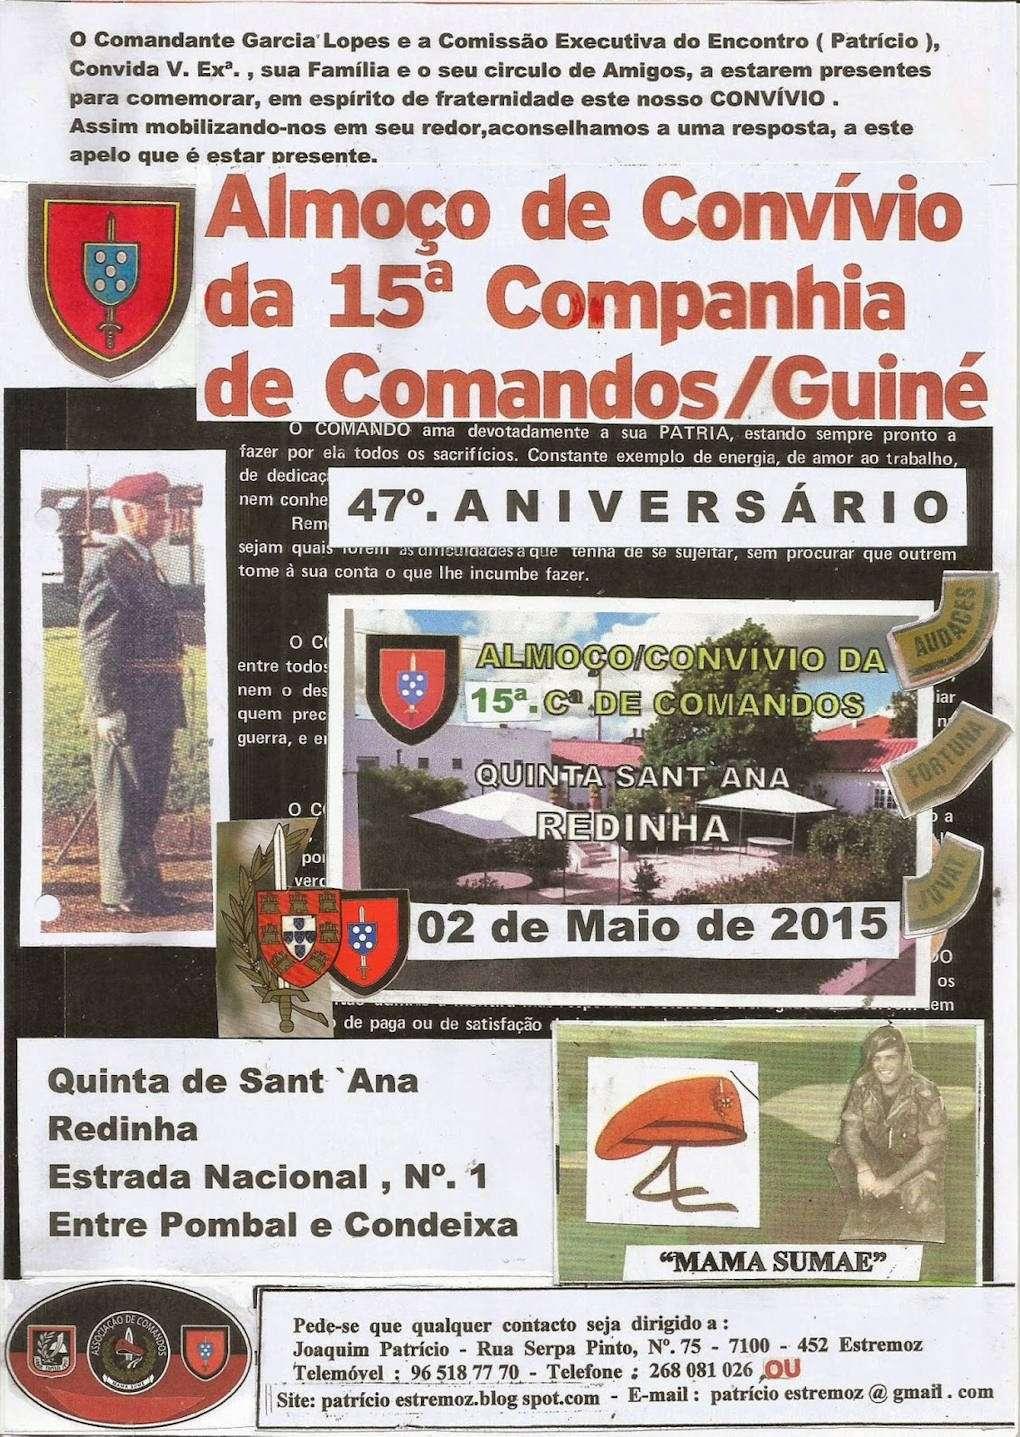 Almoço Convívio e Comemoração do 47.º Aniversário da 15.ª Companhia de Comandos - 02Mai2015 01_15c10